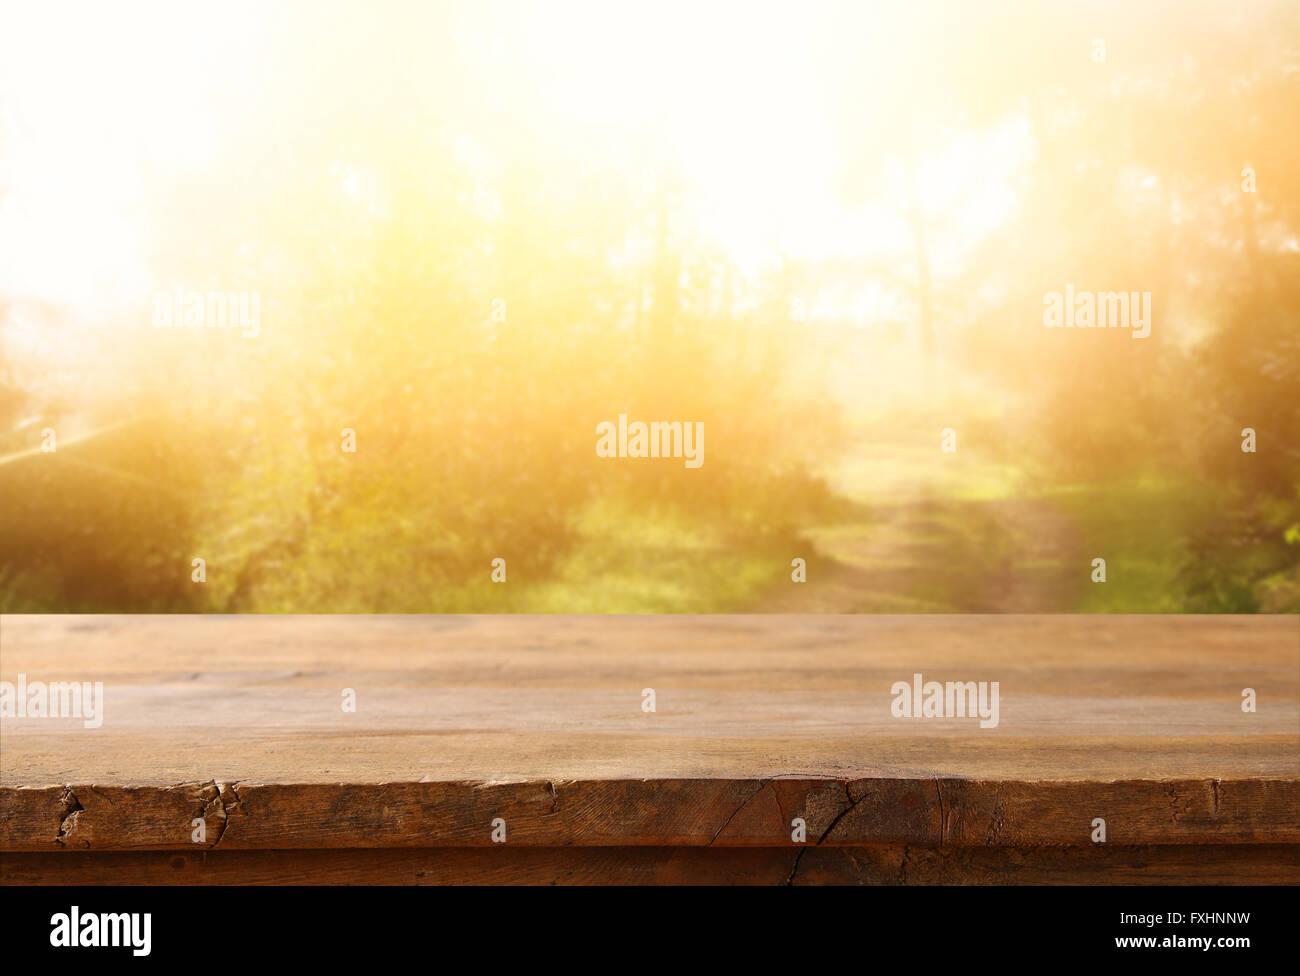 rustikale Holz Frontplatten und abstrakten Wald Hintergrund. Jahrgang gefiltert und getönt. Stockbild